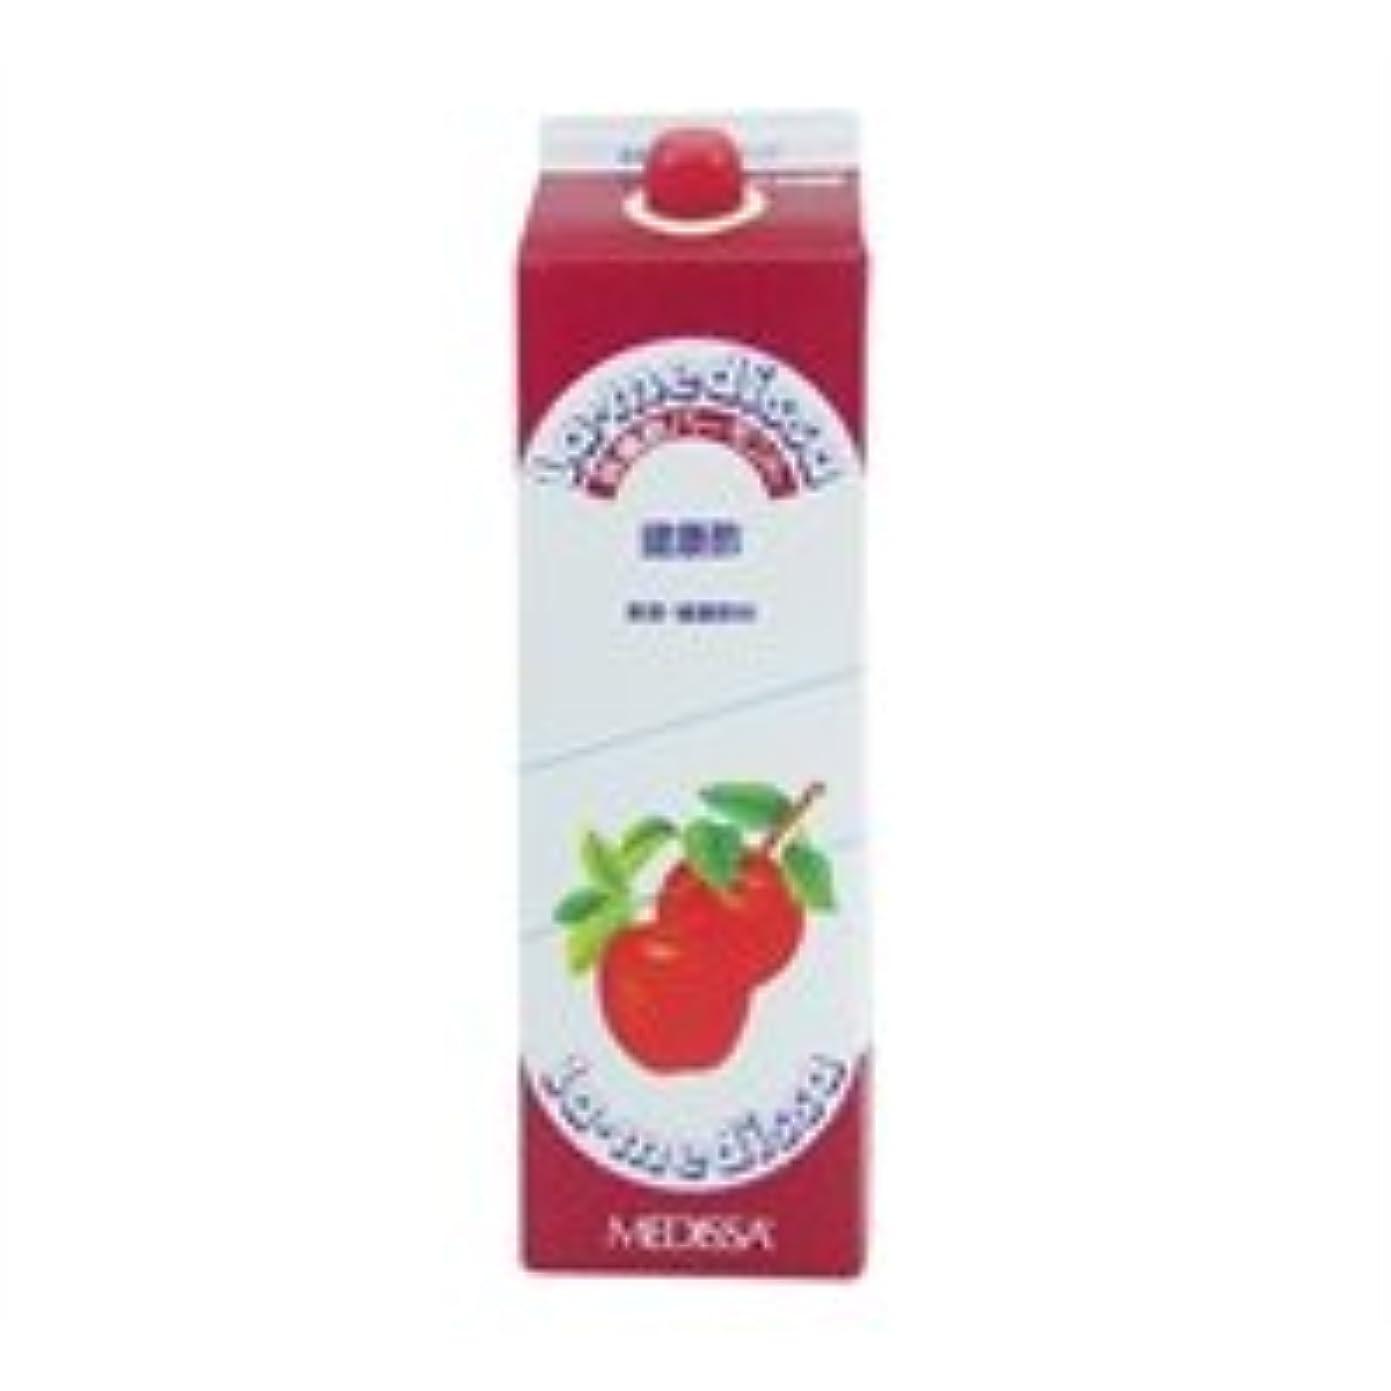 属するパーツのスコアラ?メデッサ リンゴ酢バーモント 1.8L